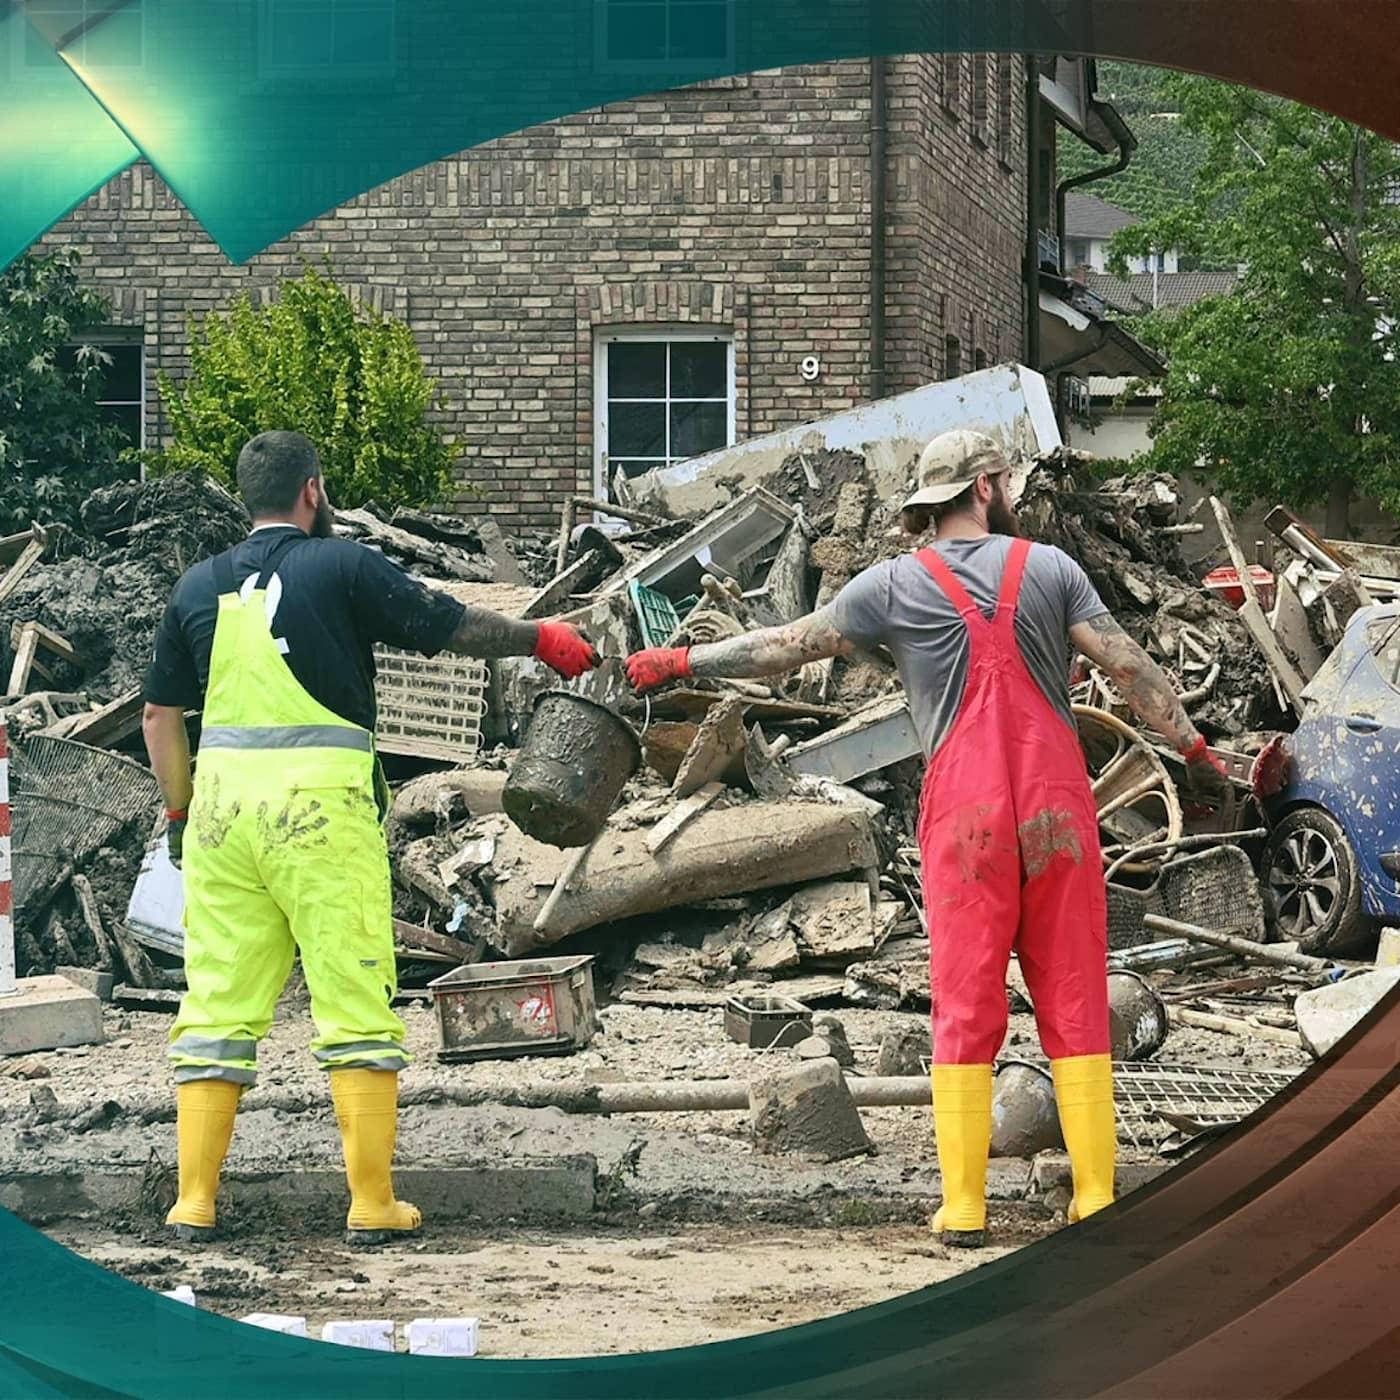 SPECIAL Översvämningskatastrofen i västra Europa